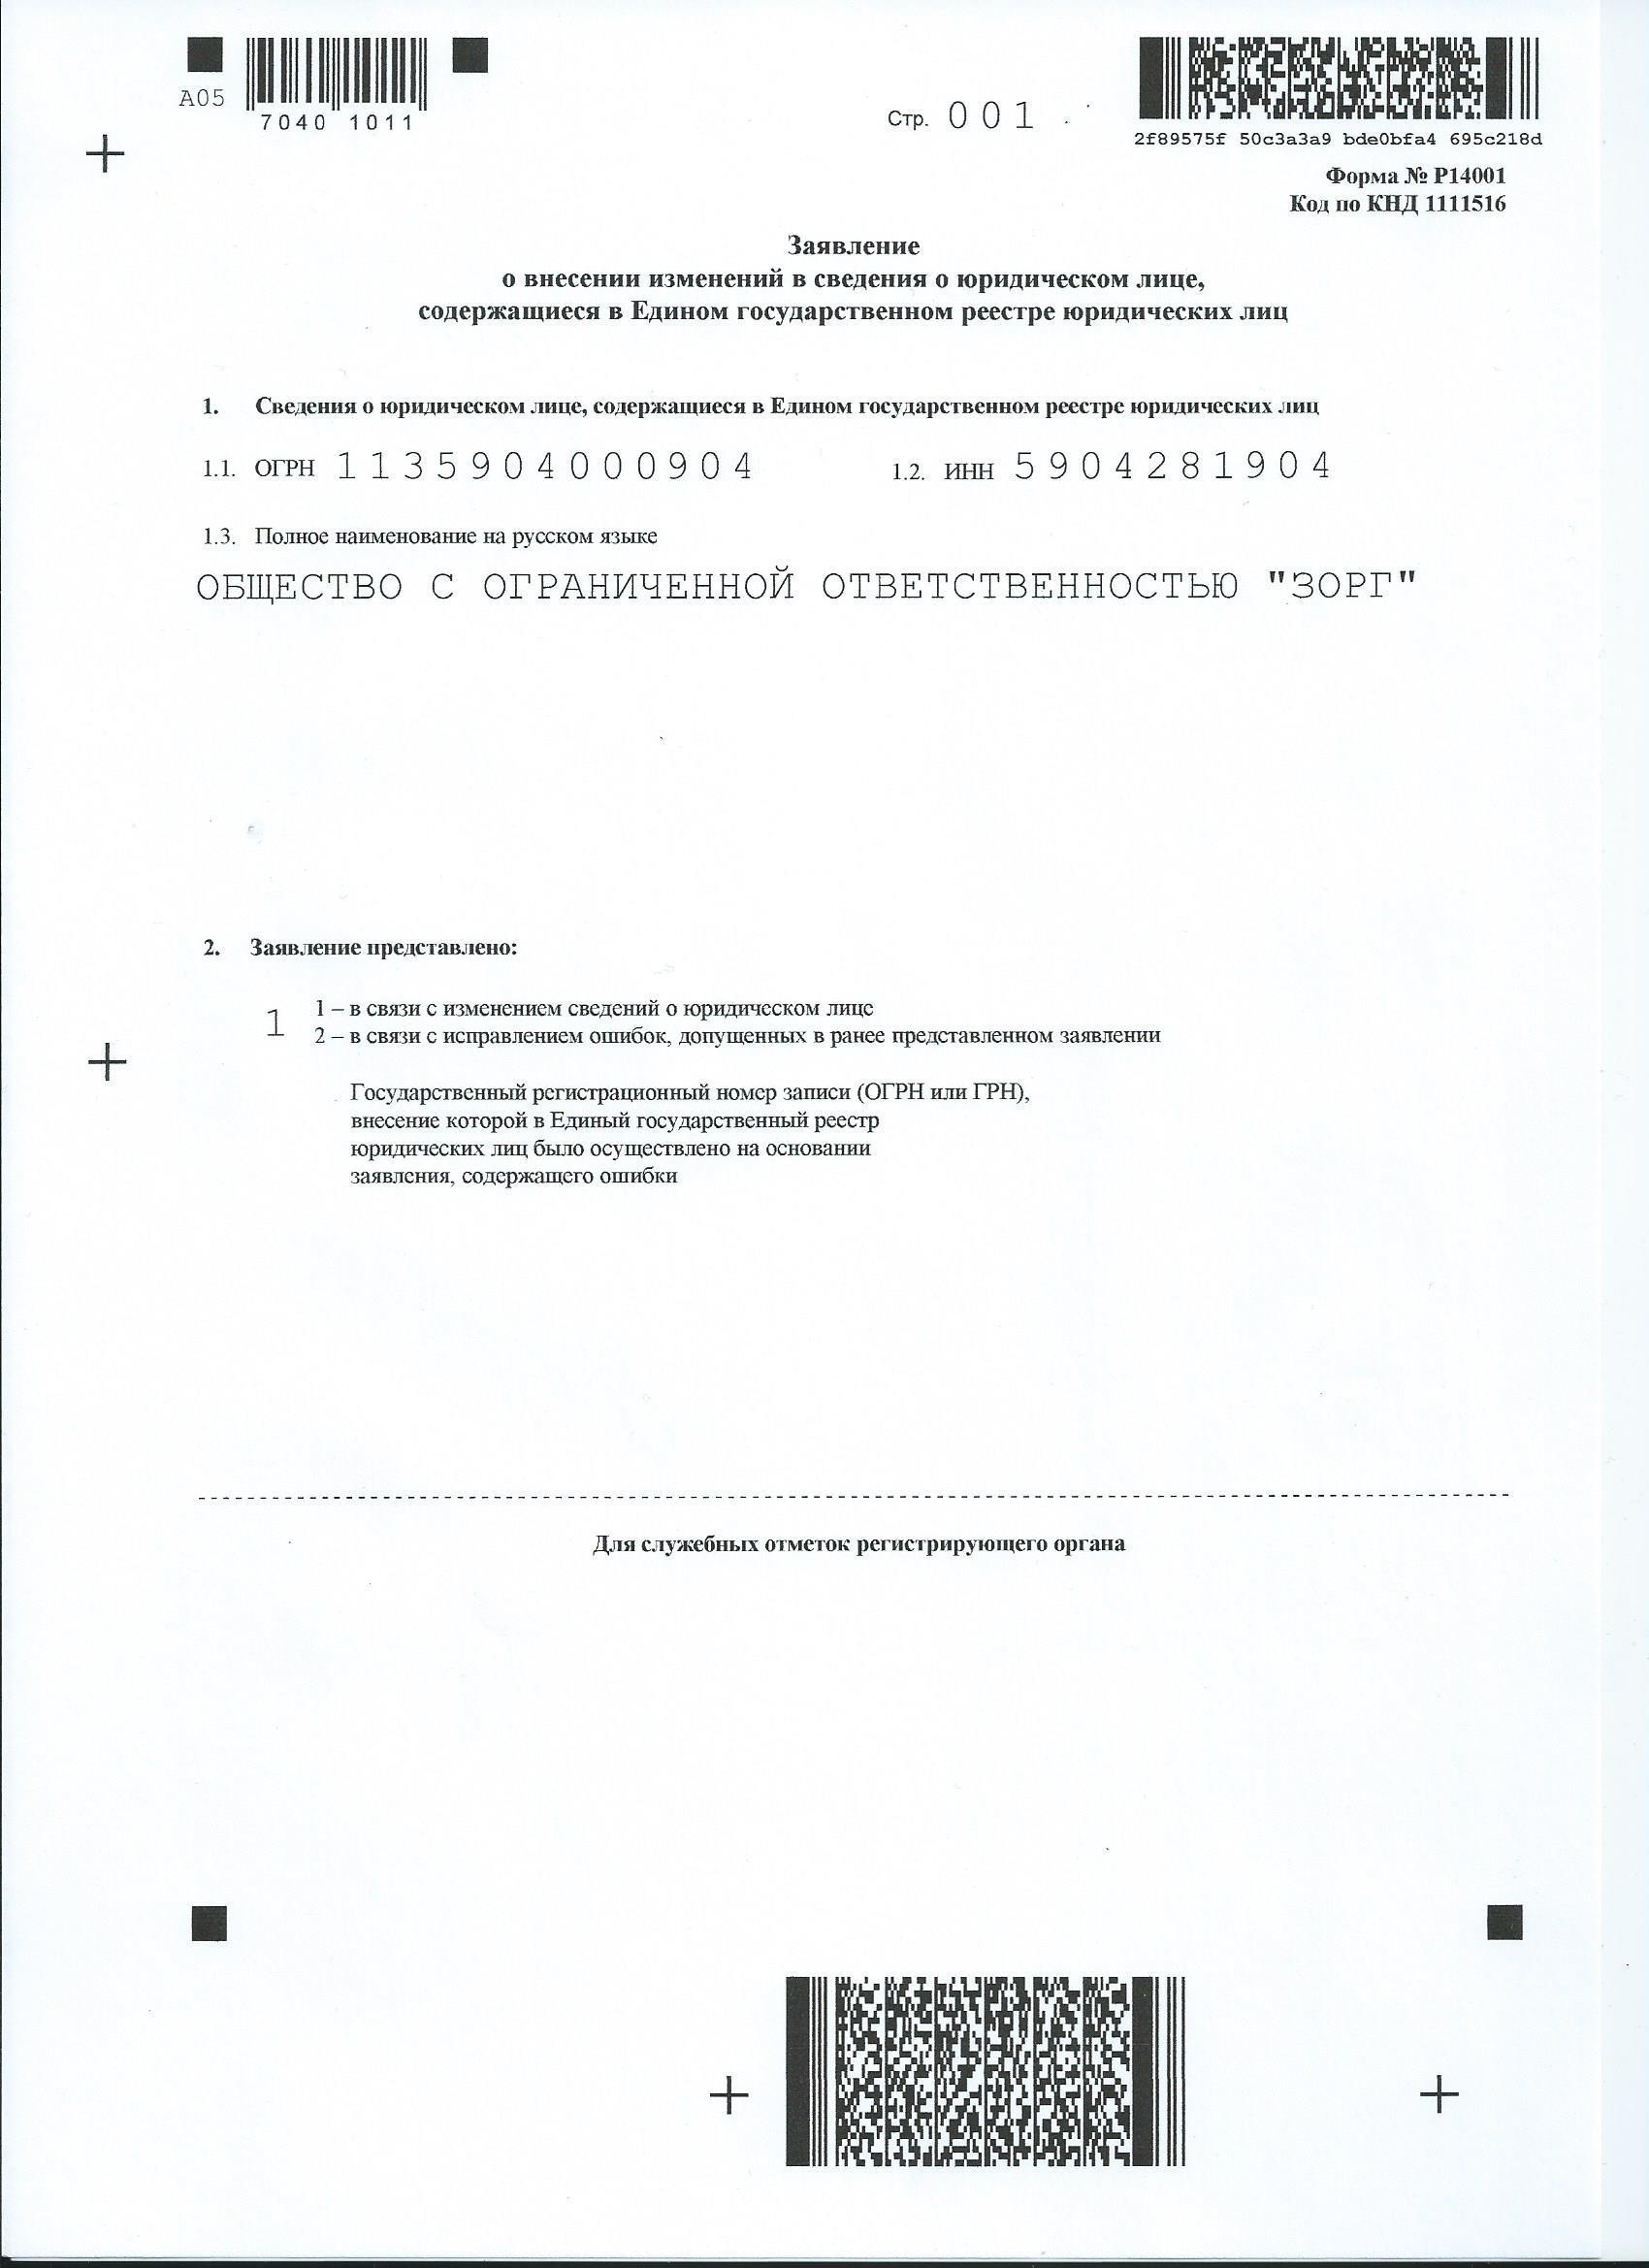 Инструкция по заполнению формы р14001 новая скачать